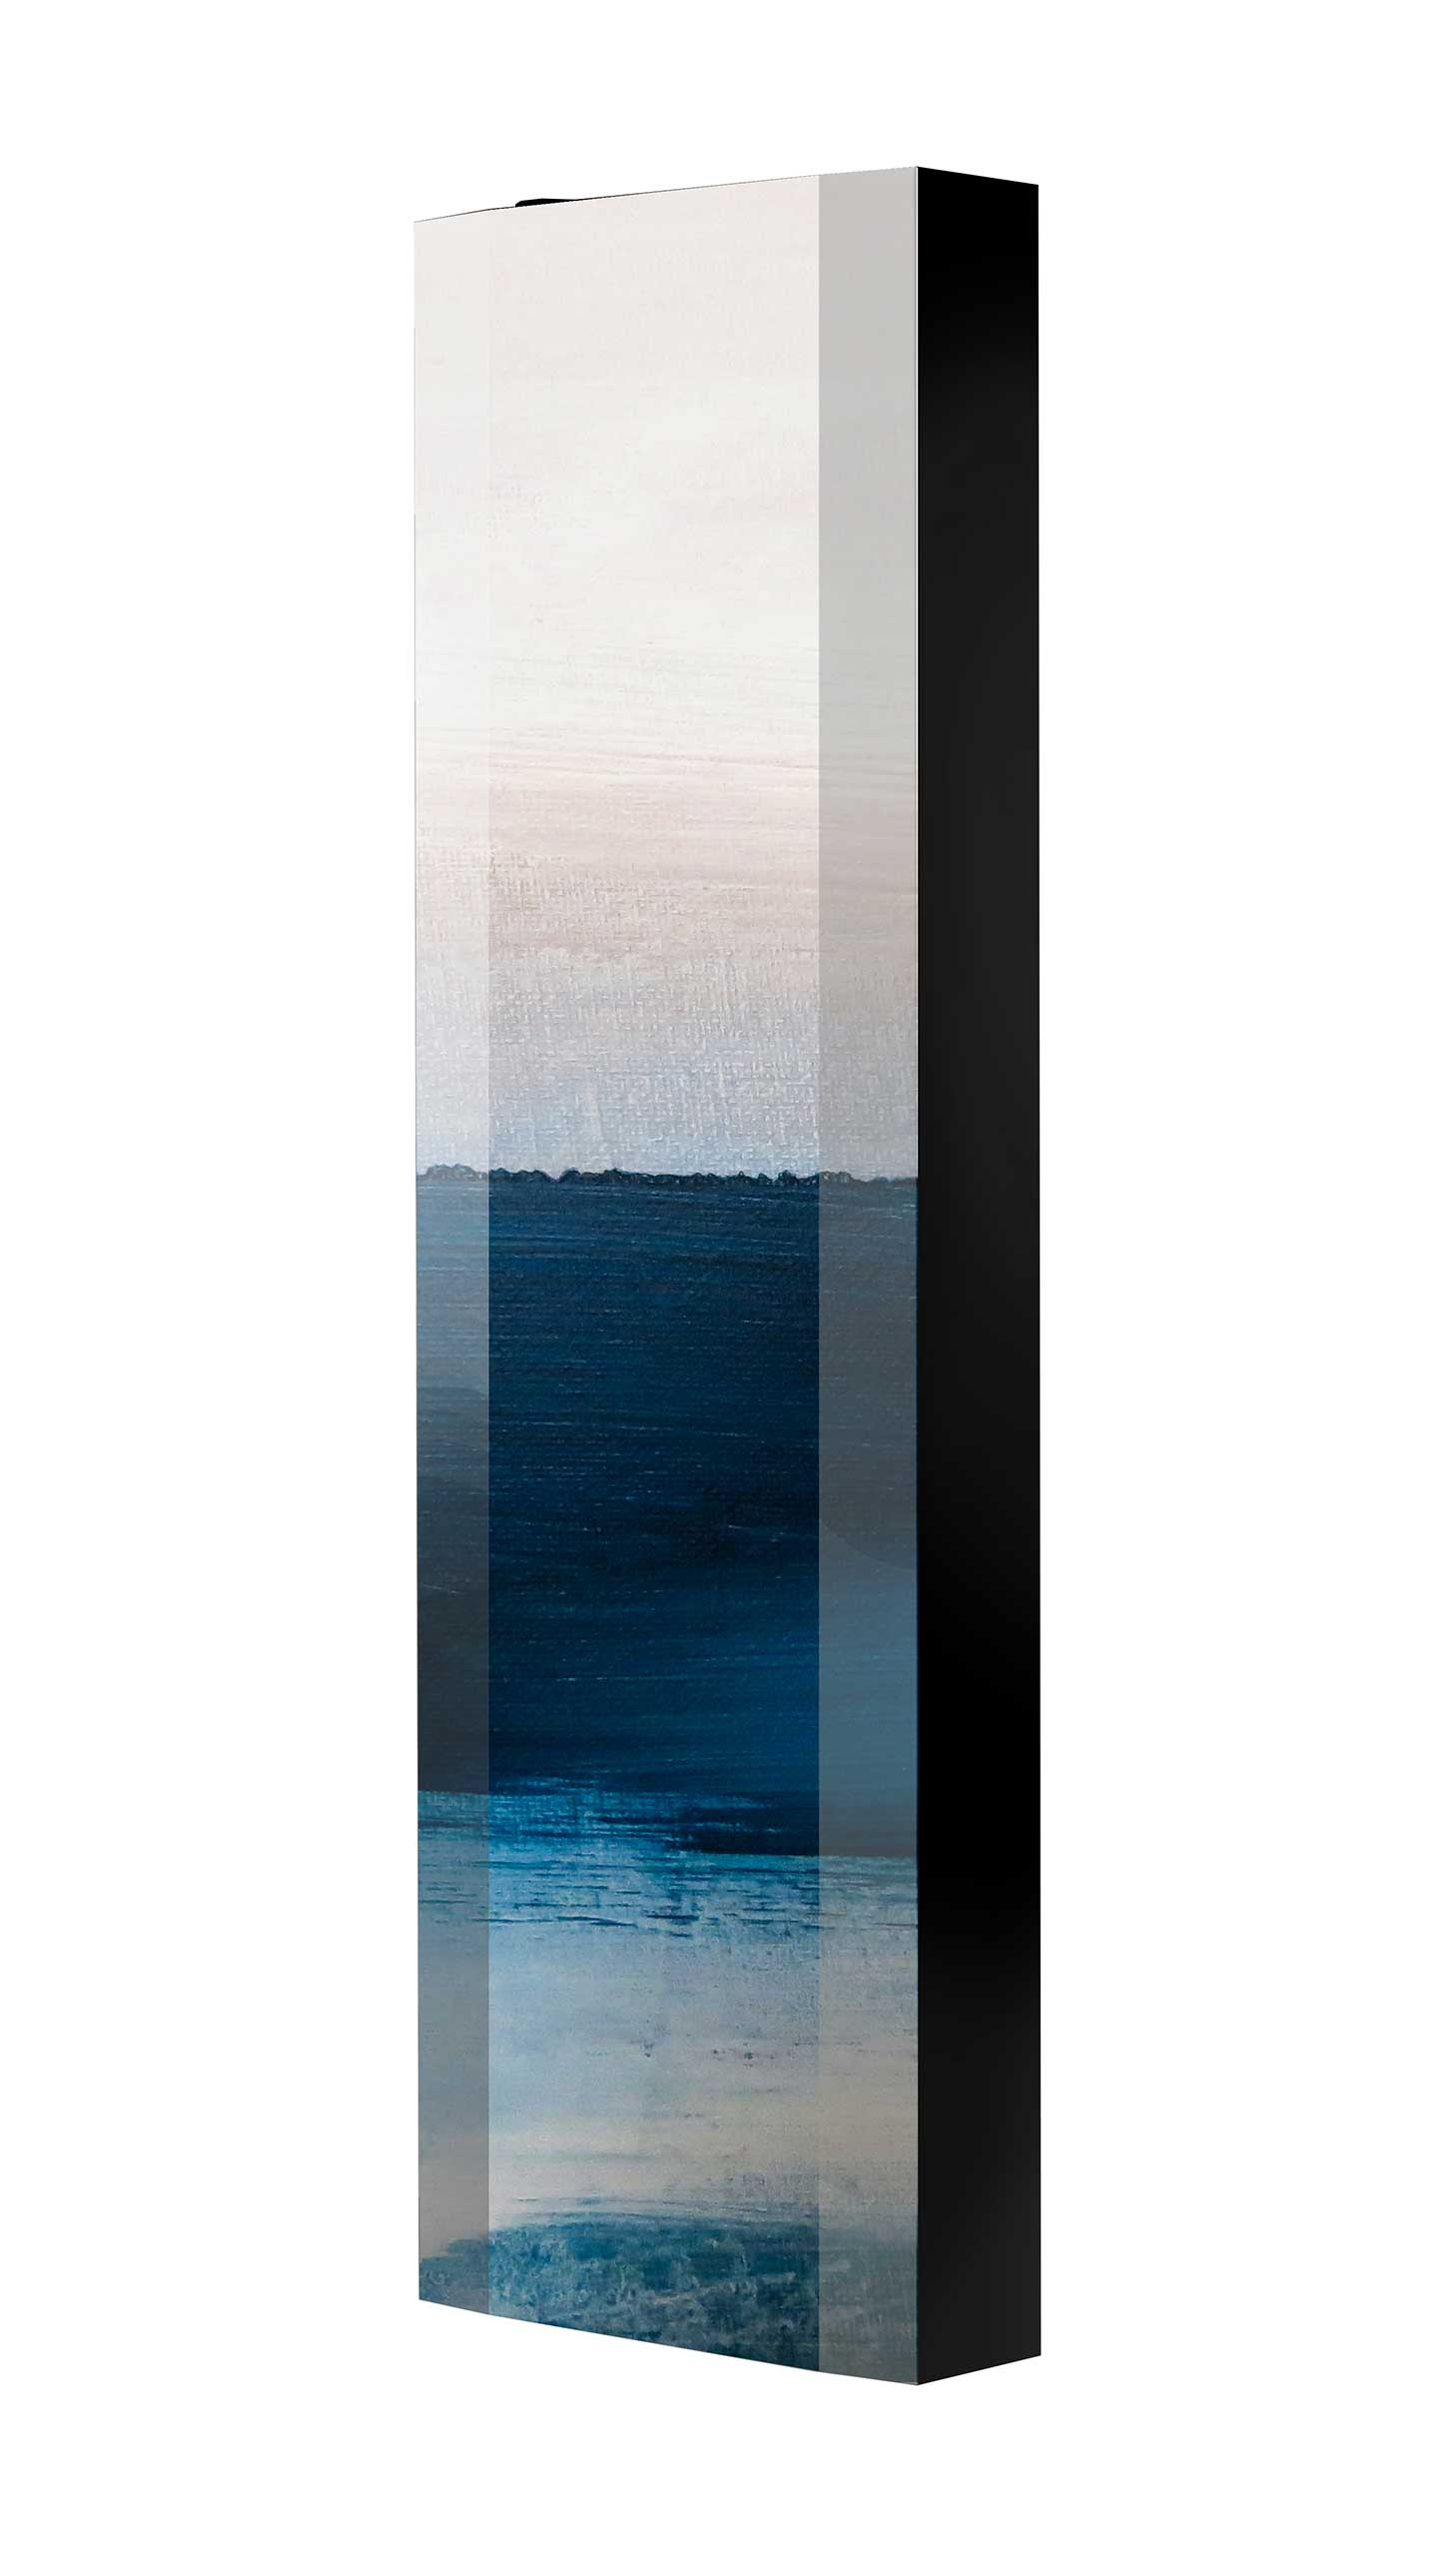 Schuhschrank FLASH 450 BLACK-EDITION Motivschrank schwarz drehbar M102 Kunst